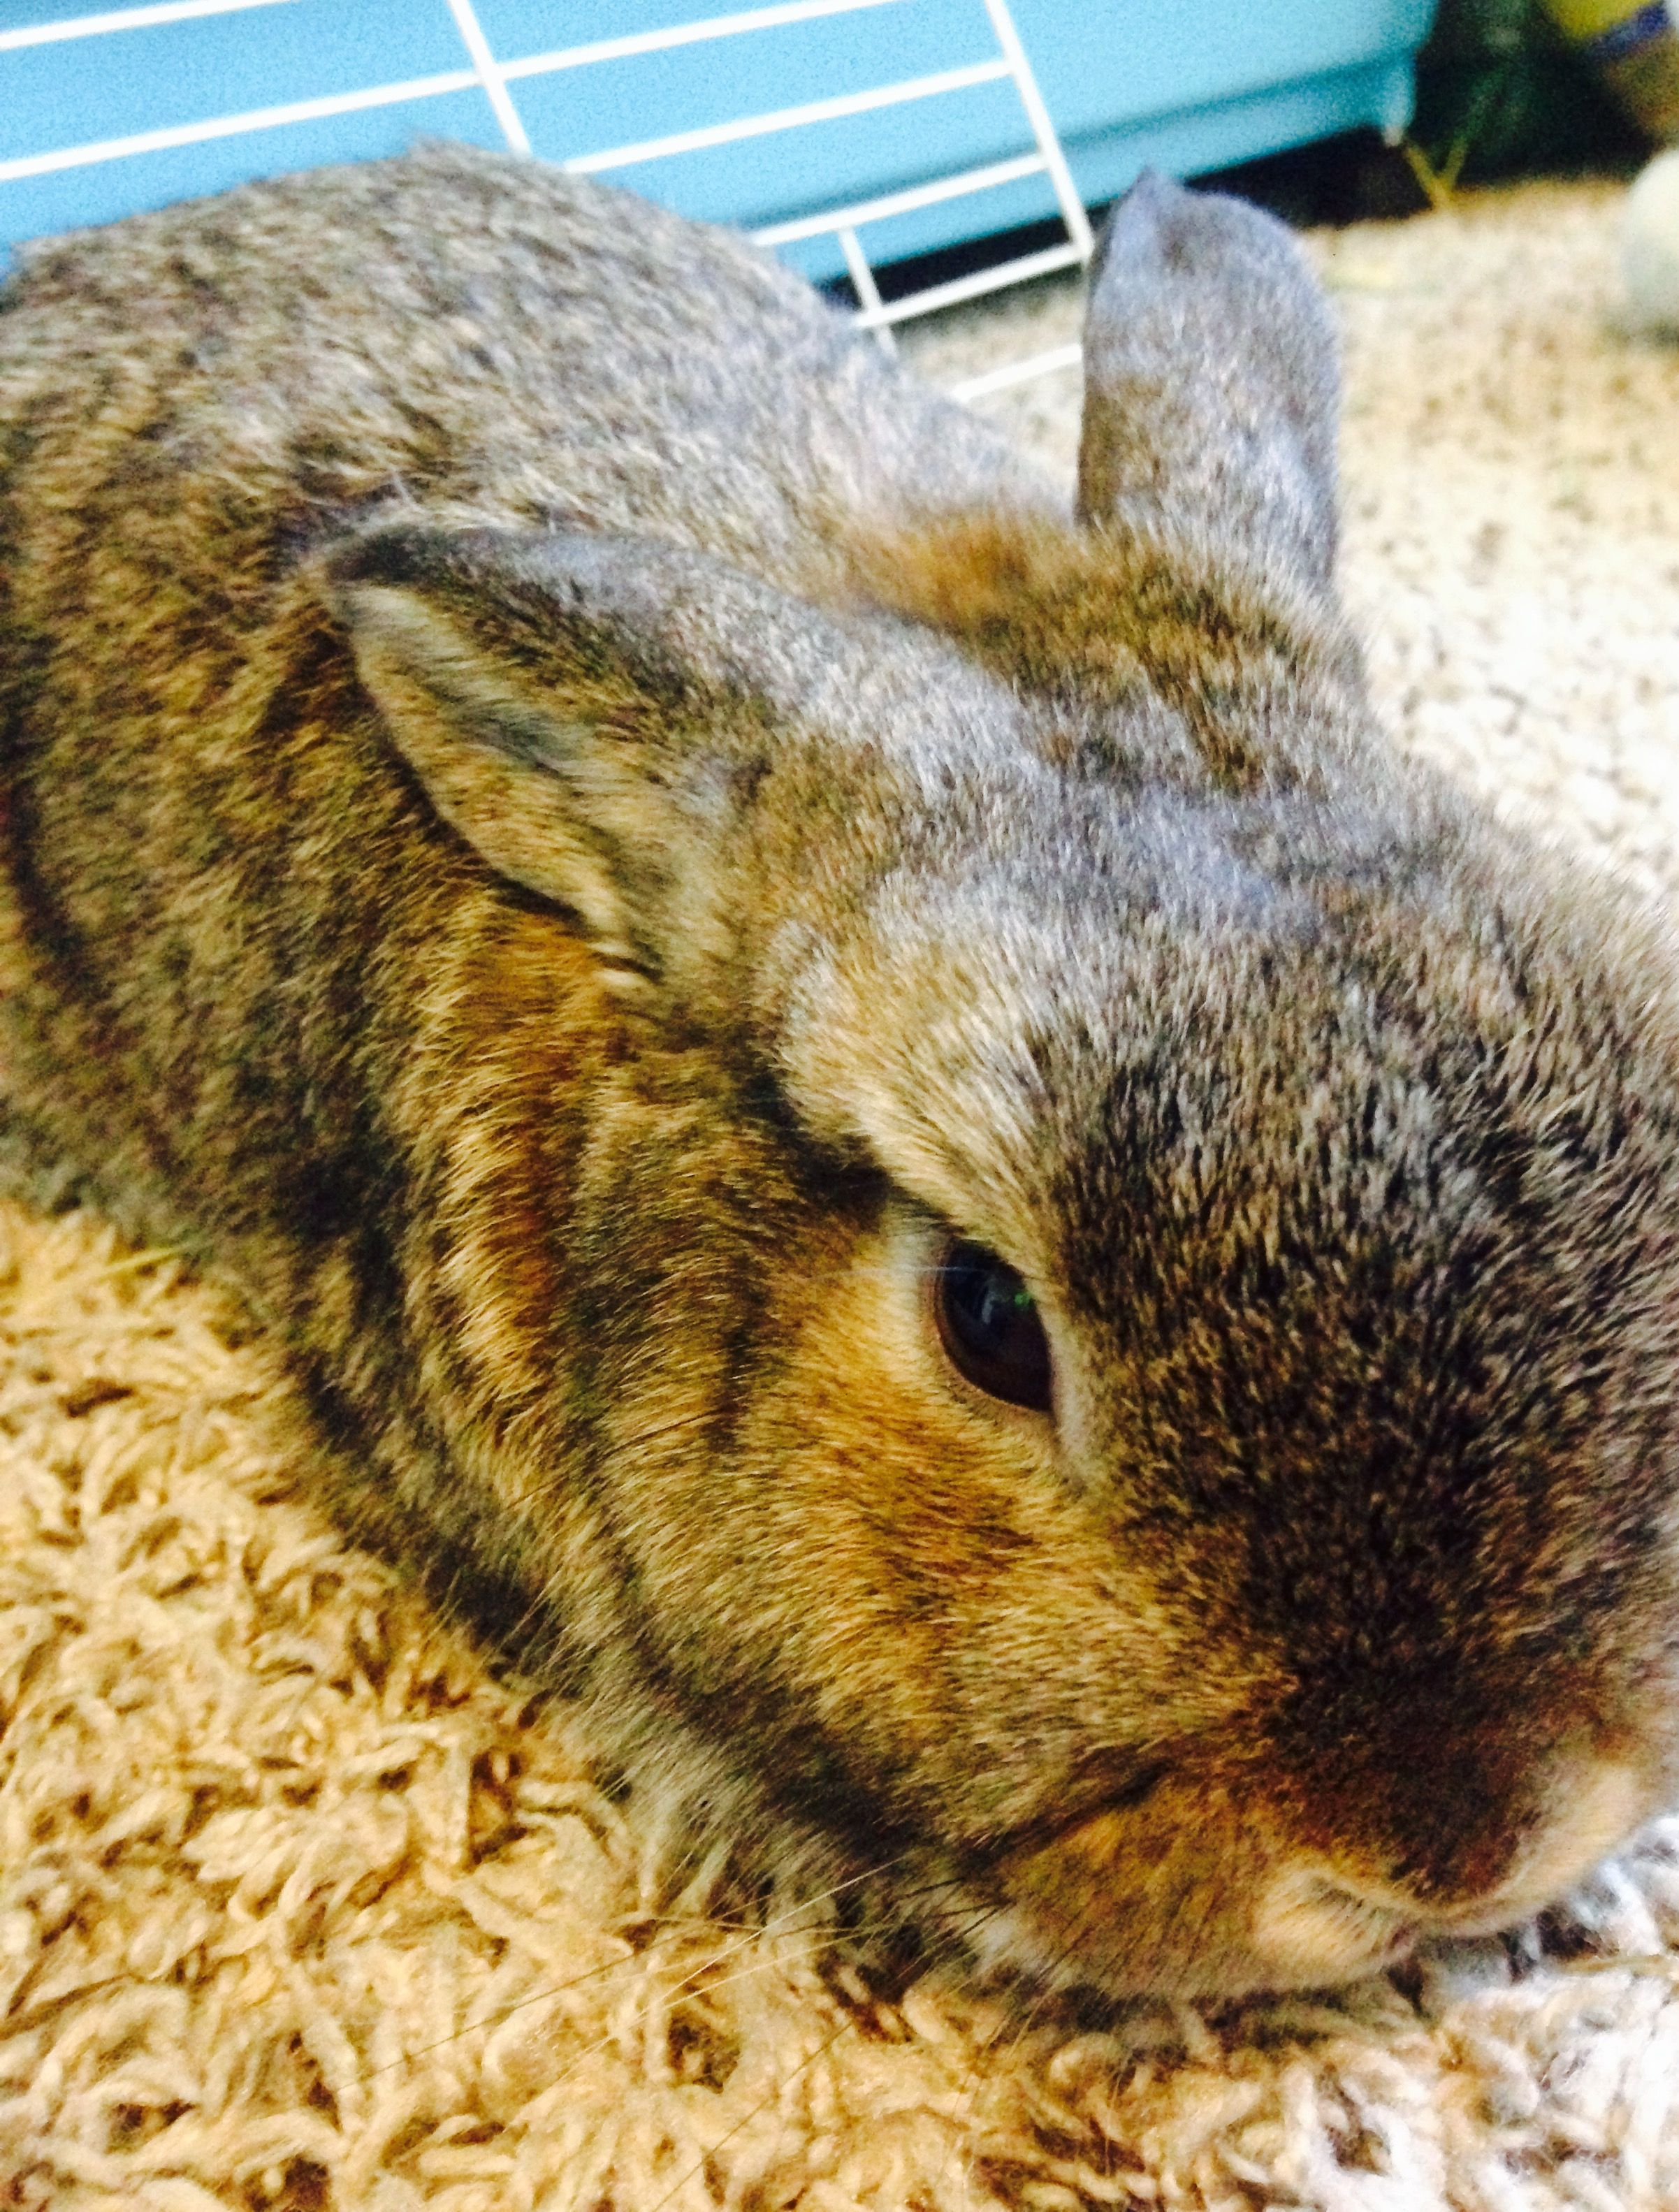 Cute little bunny dwarf bunnies bunny care vintage bunny